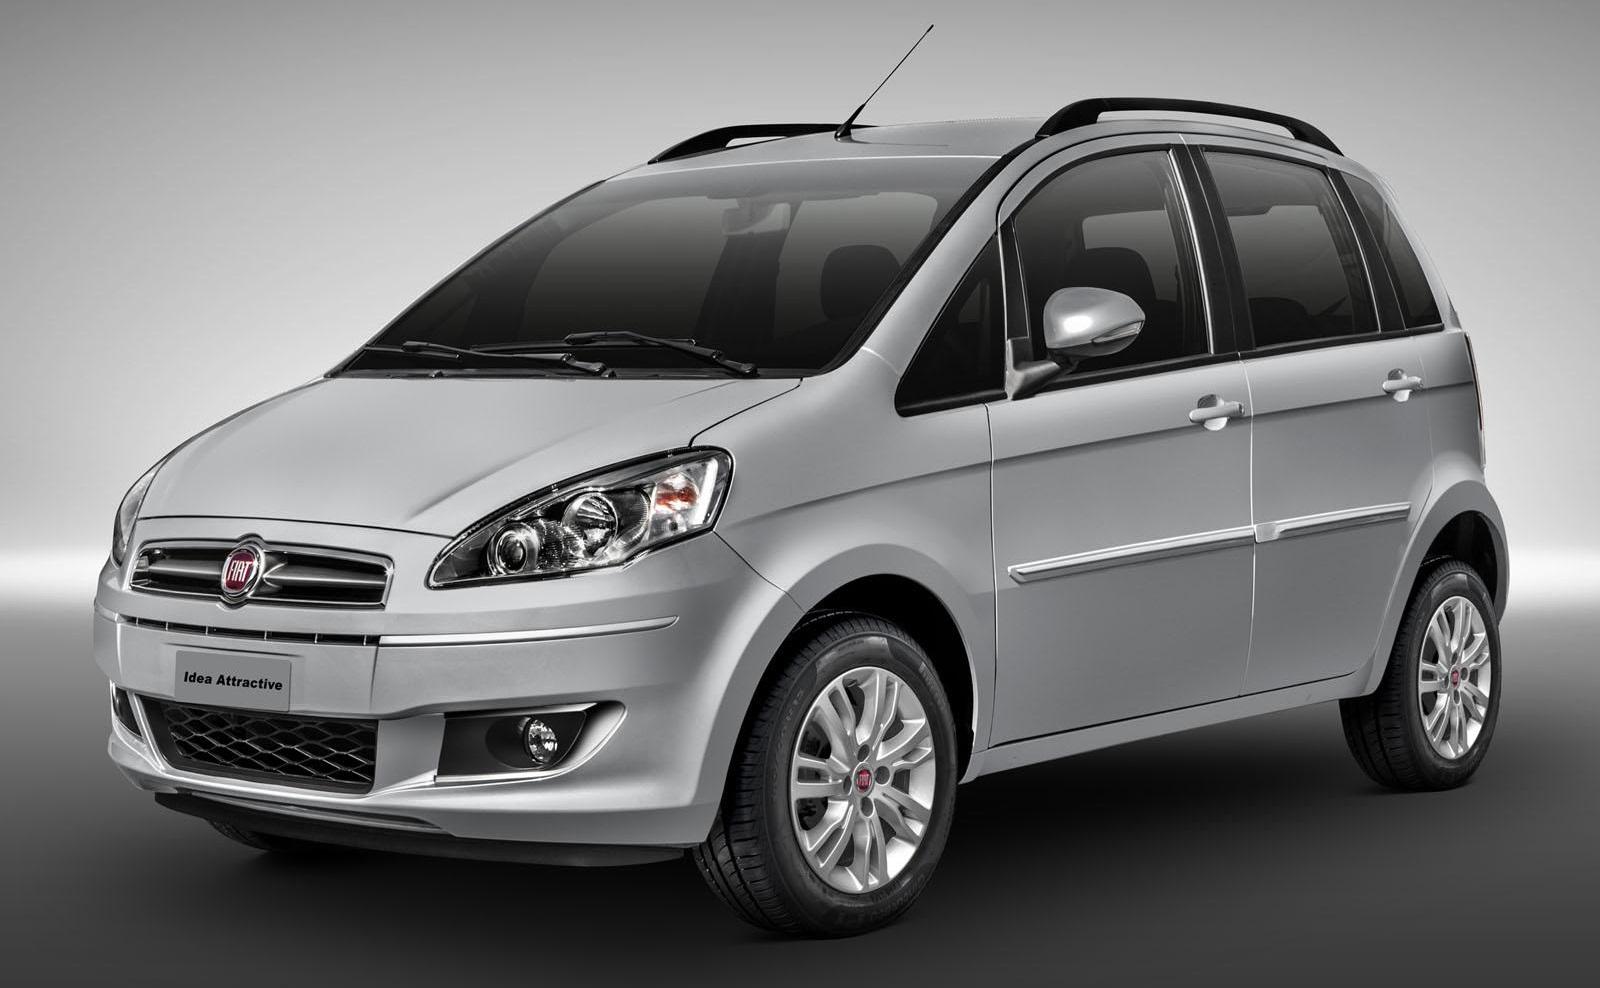 Motor a fondo coches y noticias del mundo del motor for Fiat idea 2009 precio